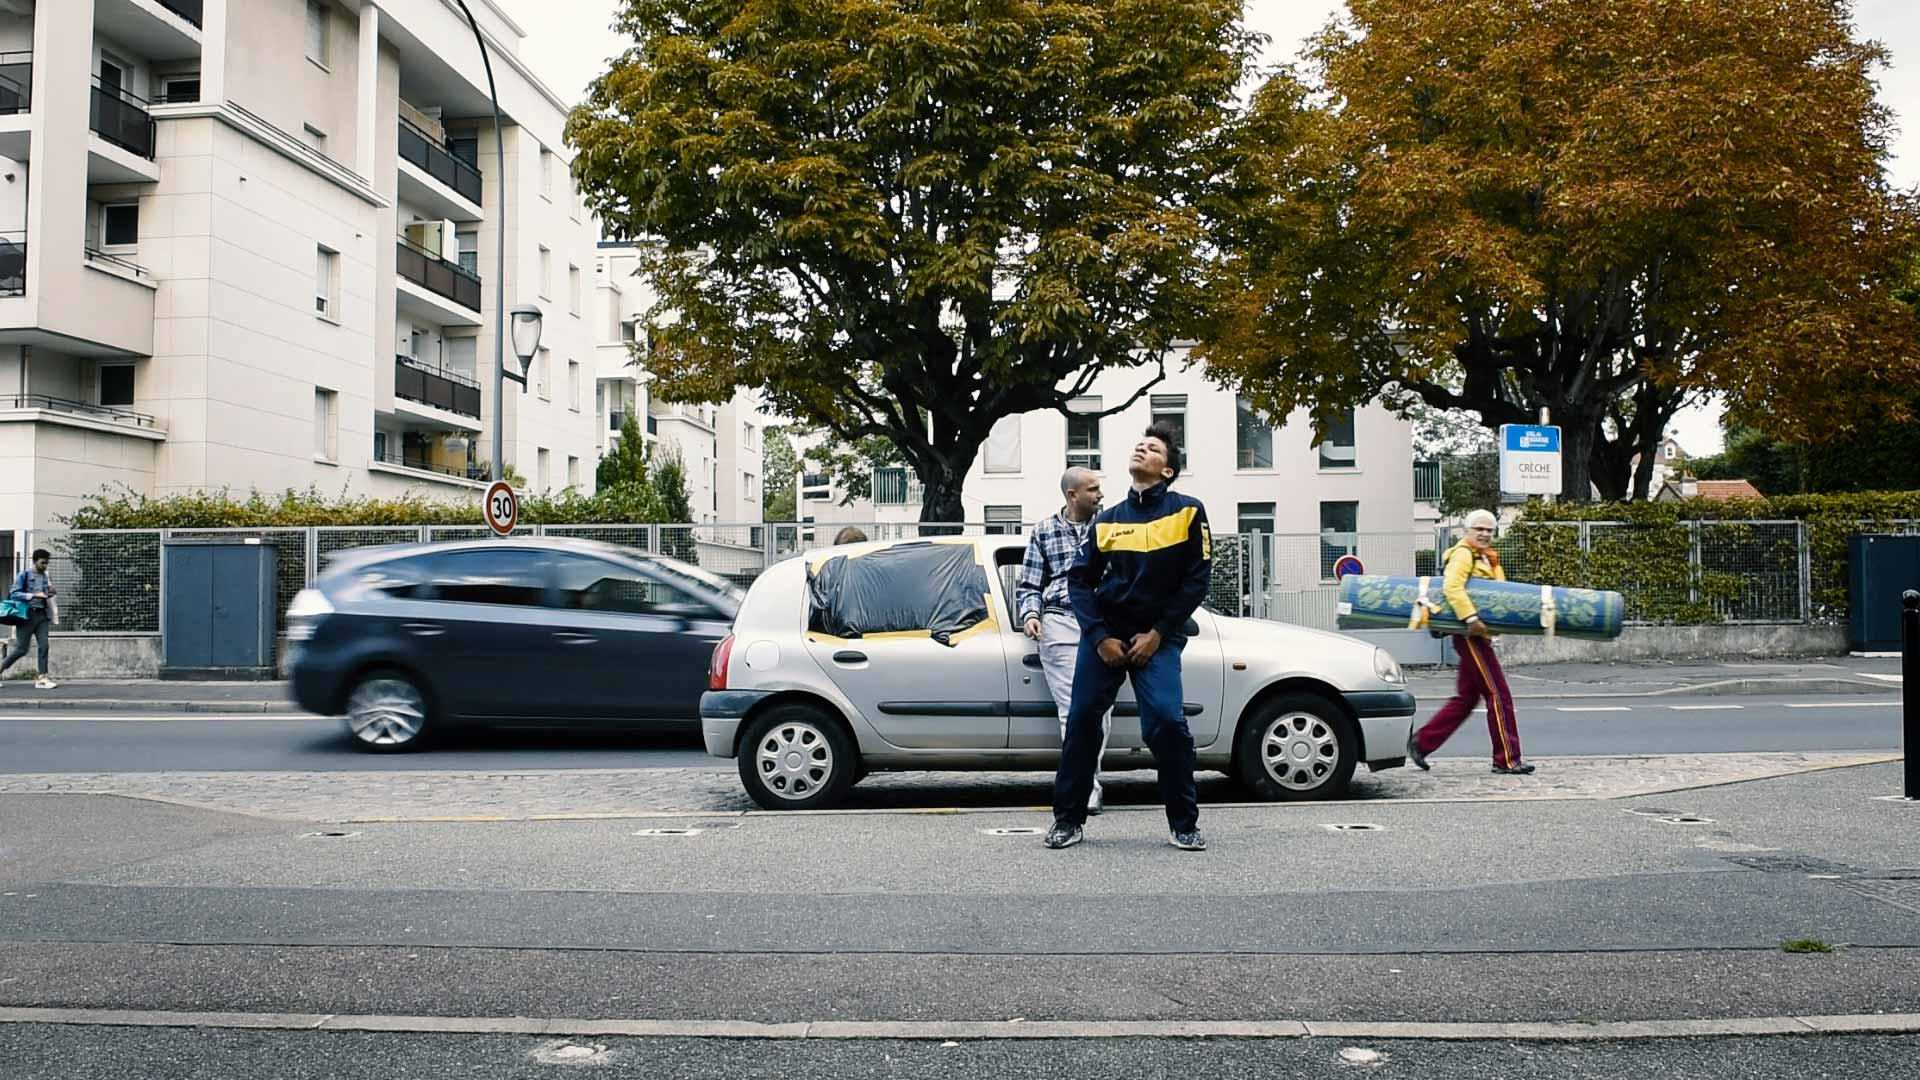 En dansare står framför en vandaliserad bil på en gata